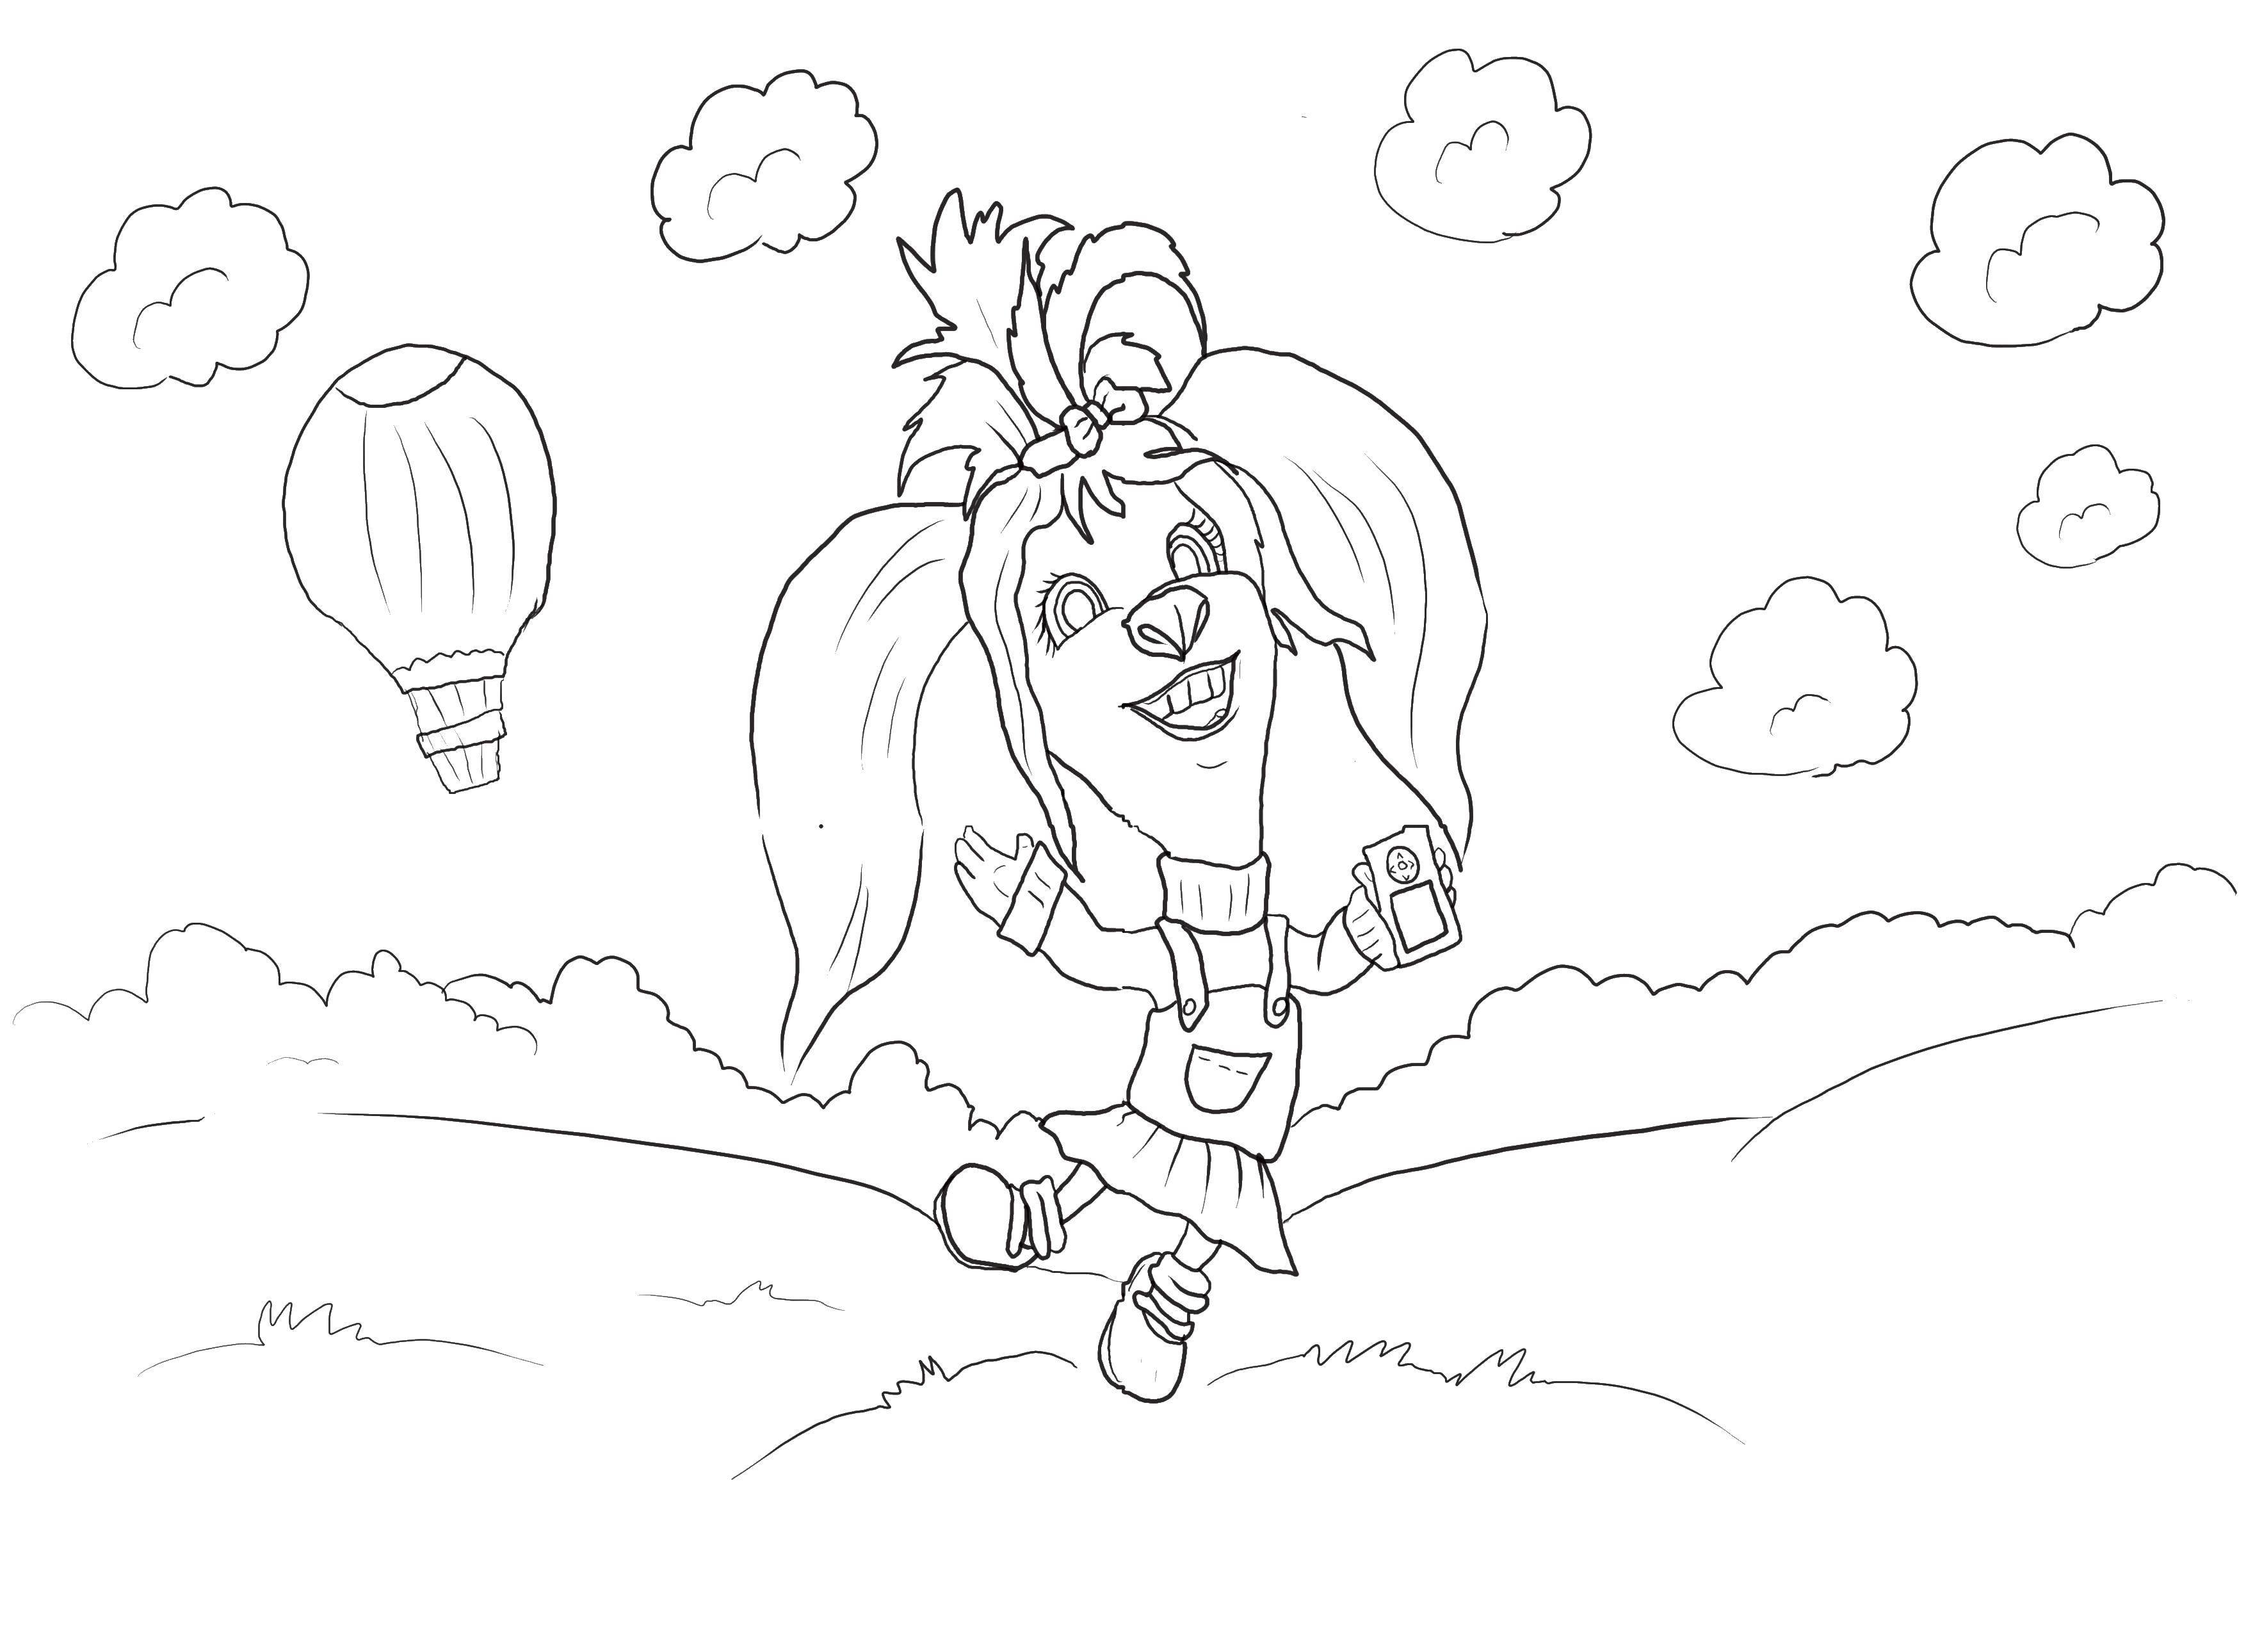 Раскраска Собачка барбоскина Скачать барбоскины, собаки, мультфильмы.  Распечатать ,Барбоскины,